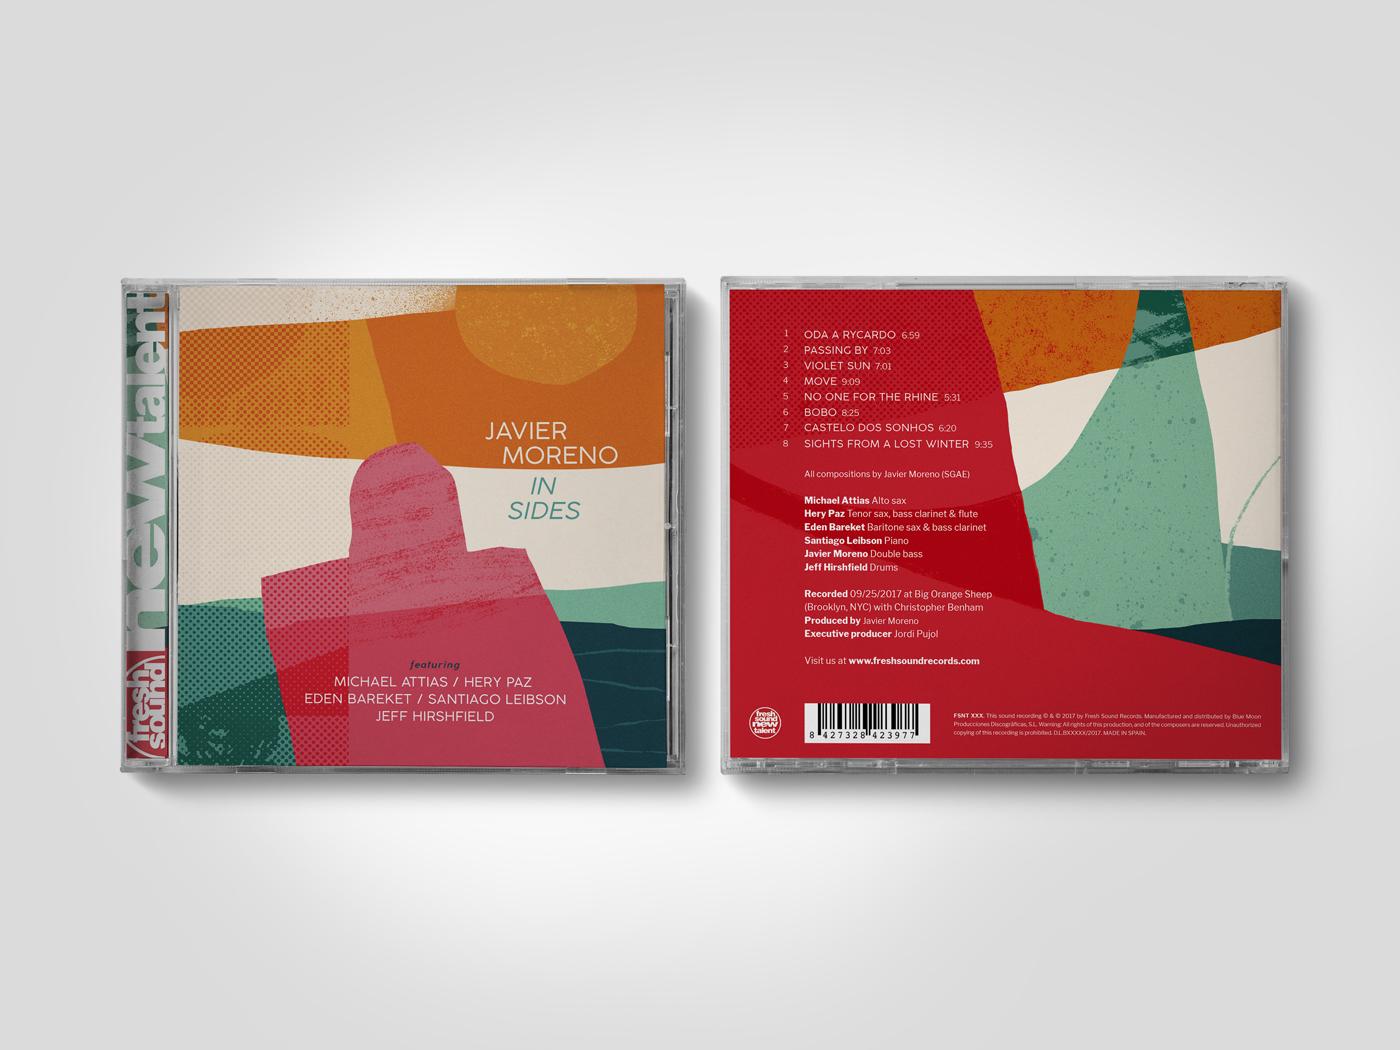 Javier Moreno CD portada y contraportada